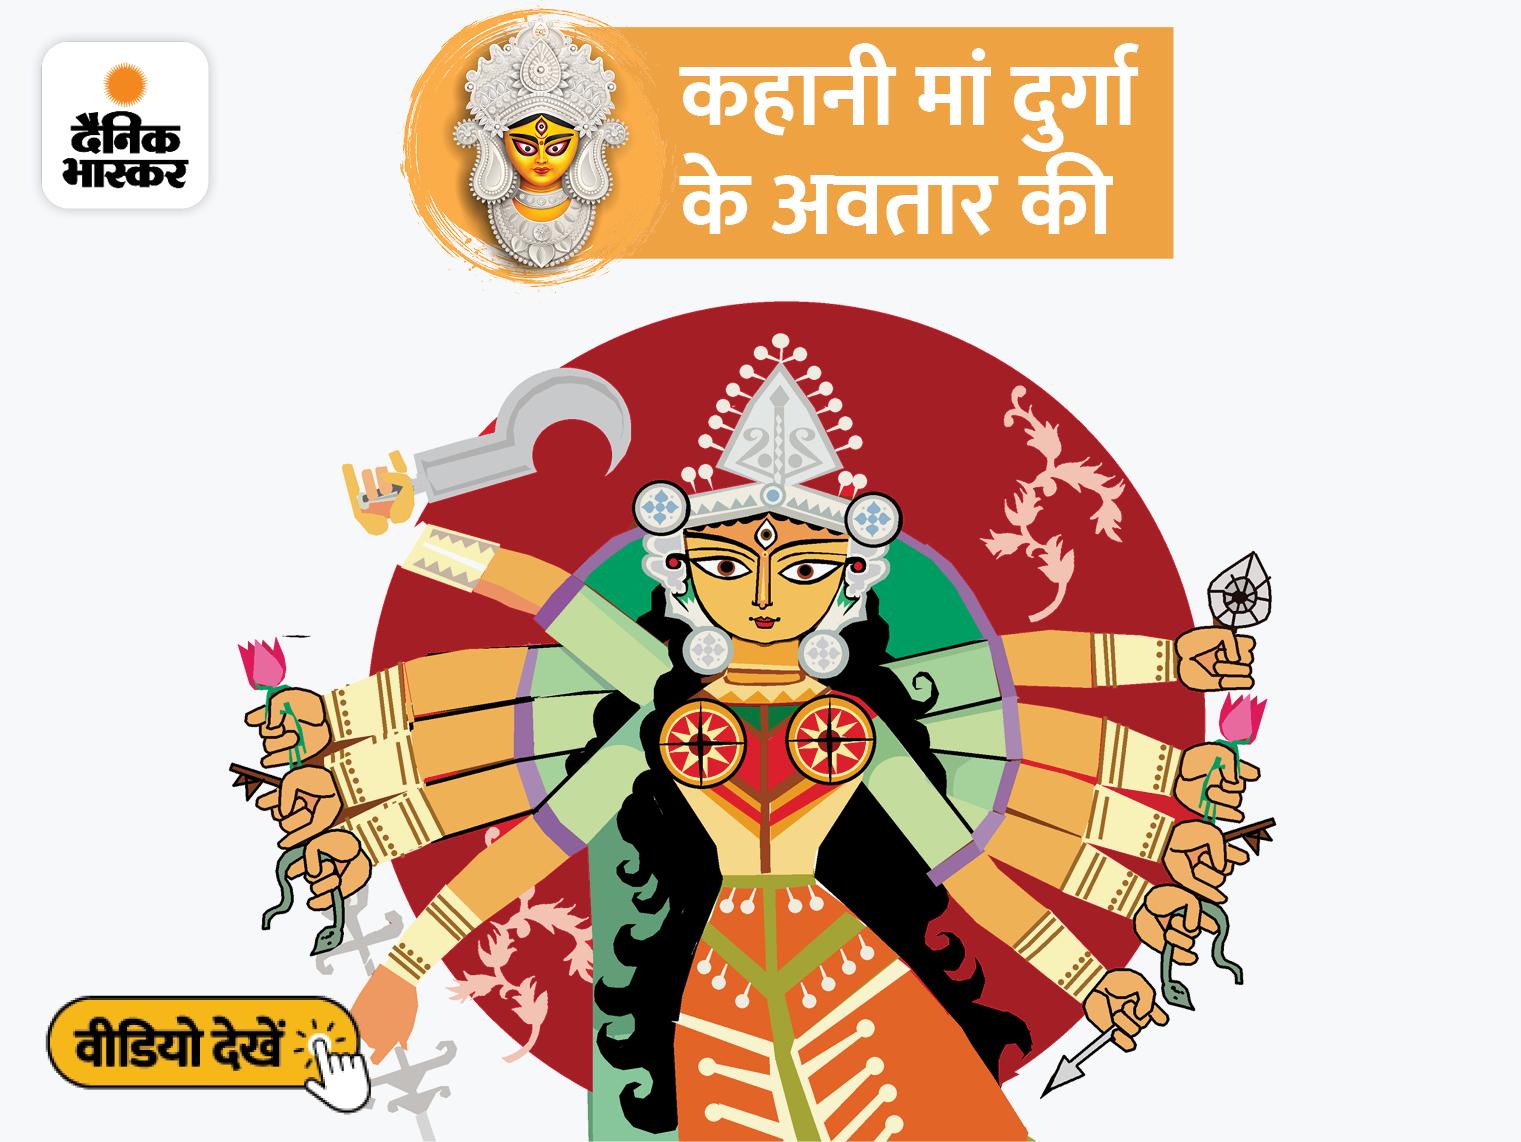 वो कथा जिसमें दुनिया ने पहली बार देखा मां दुर्गा को, देवताओं के तेज से प्रकट हुई शक्ति जिसे जीतना था दुर्गम, इसलिए दुर्गा पड़ा नाम धर्म,Dharm - Dainik Bhaskar